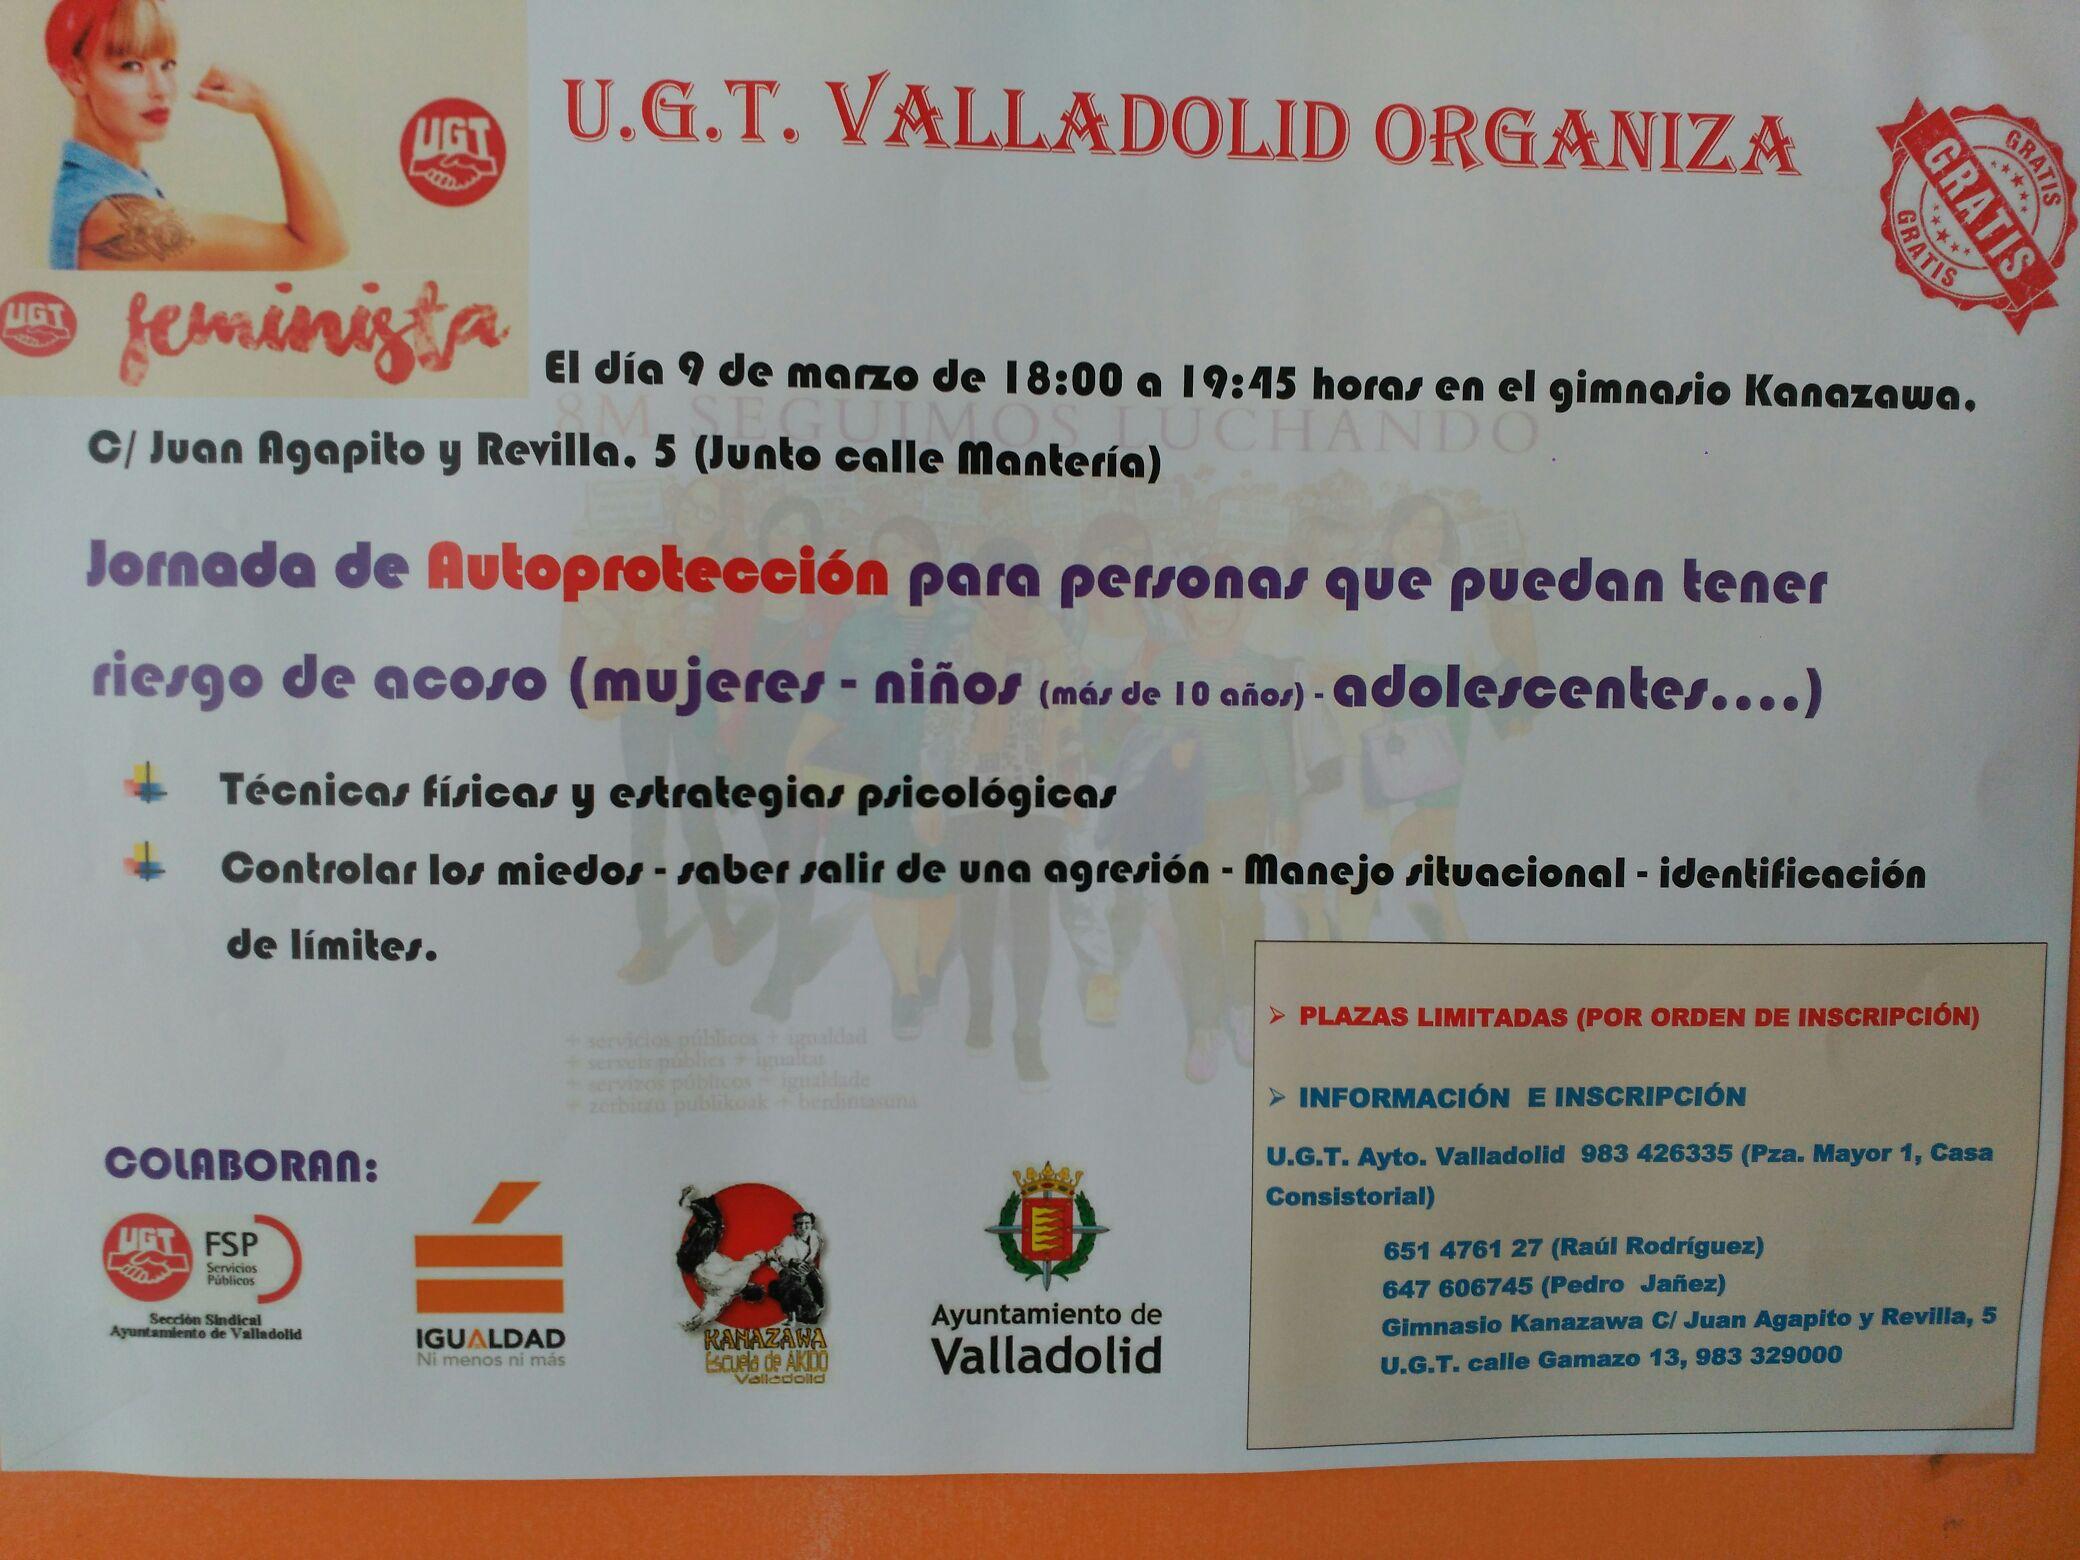 Jornada de autoprotección Valladolid